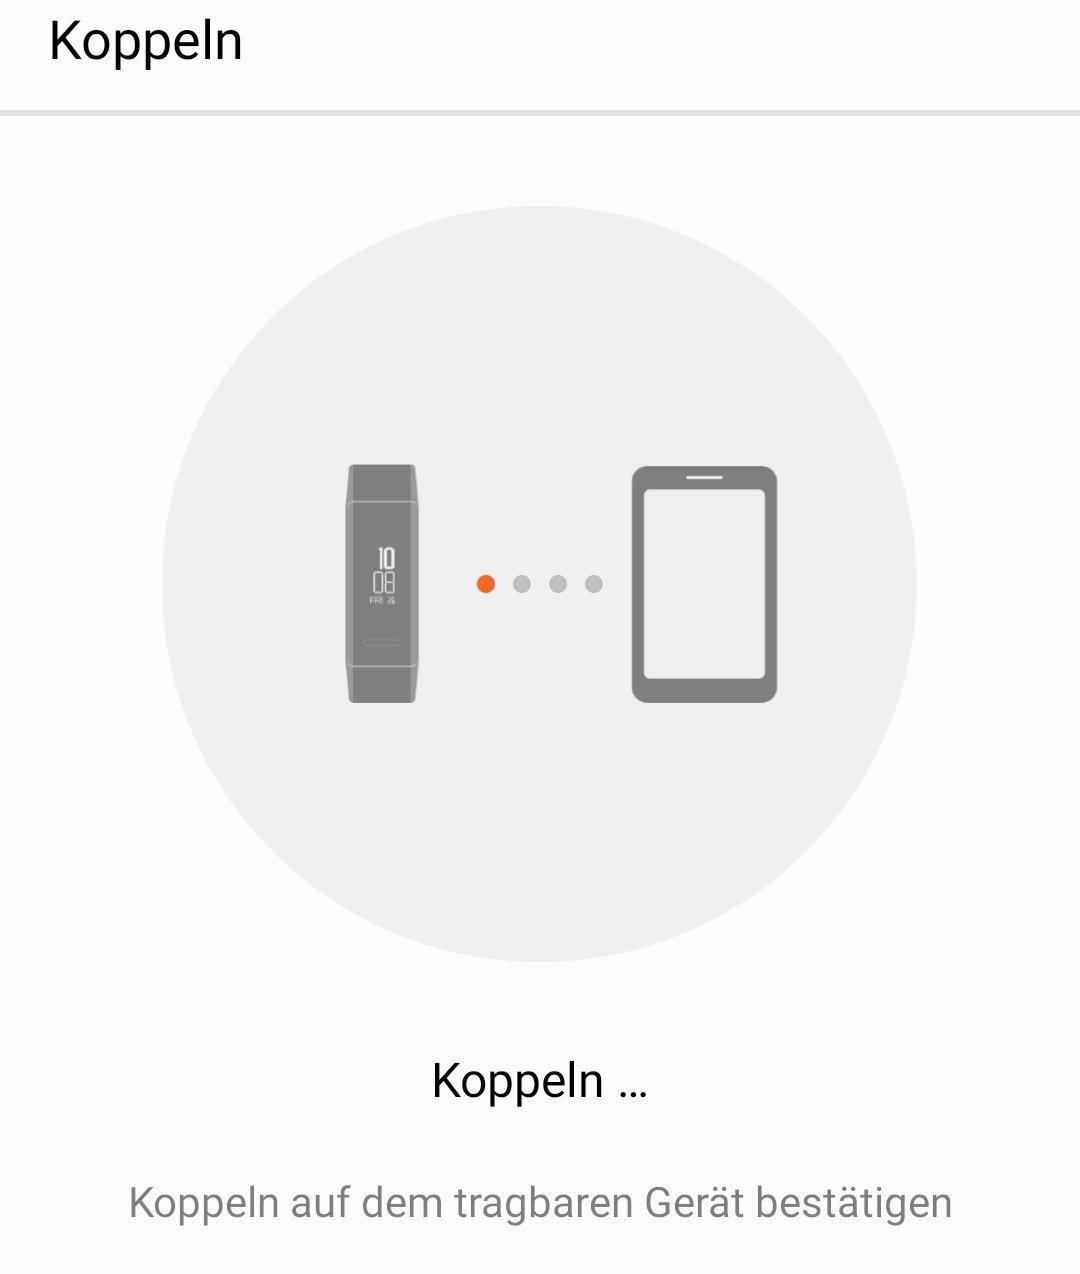 Huawei_Health_Update_koppeln